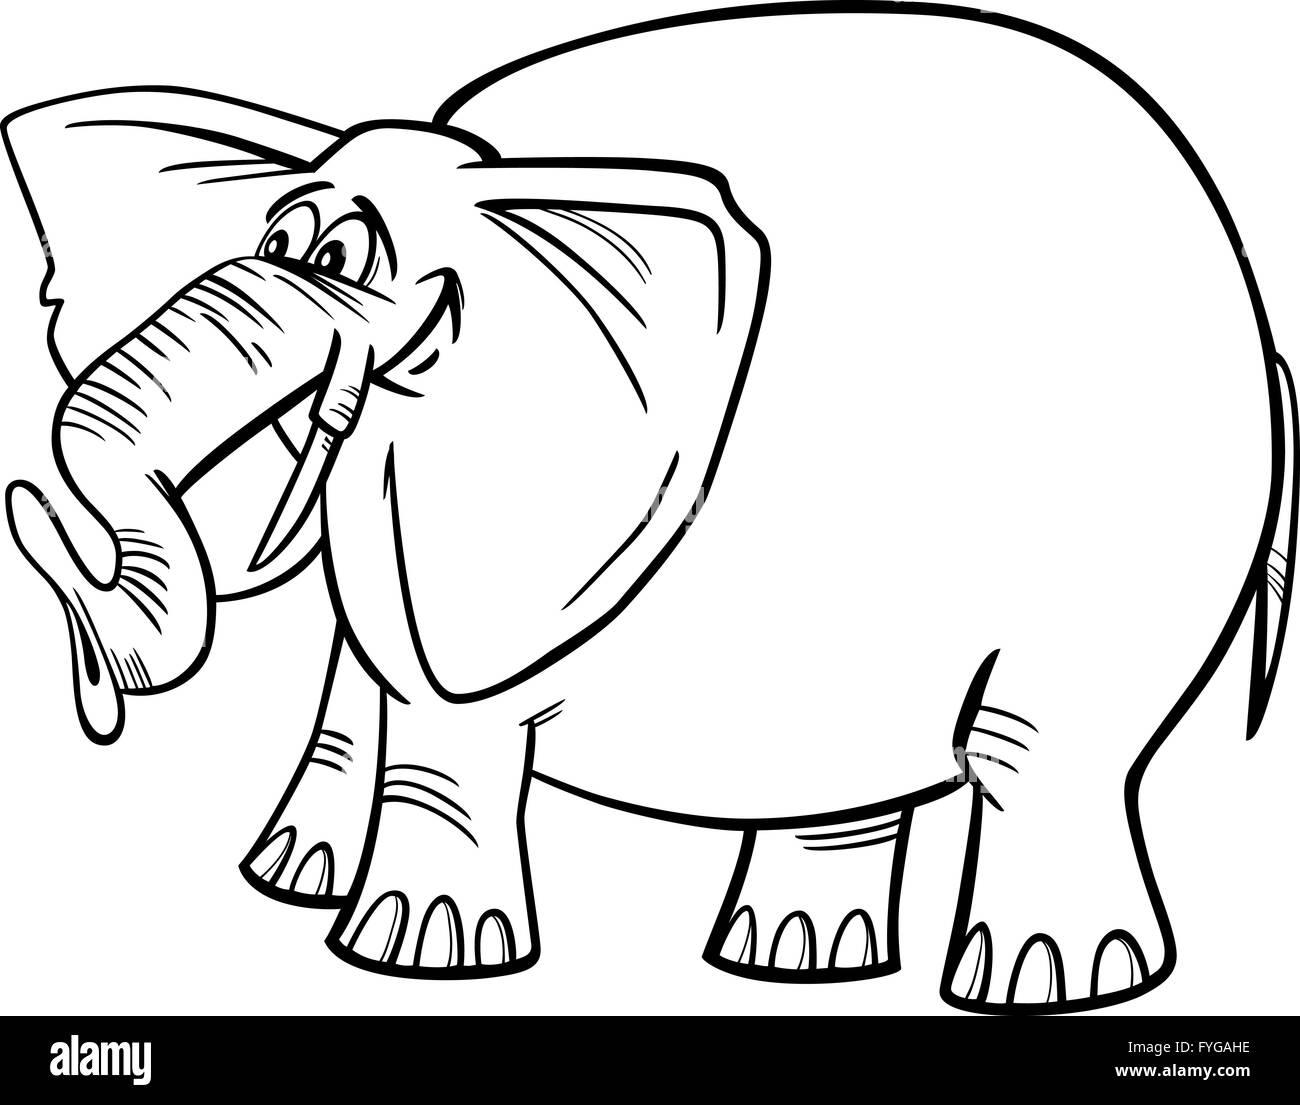 Elefante Para Colorear La Ilustración De Dibujos Animados Foto